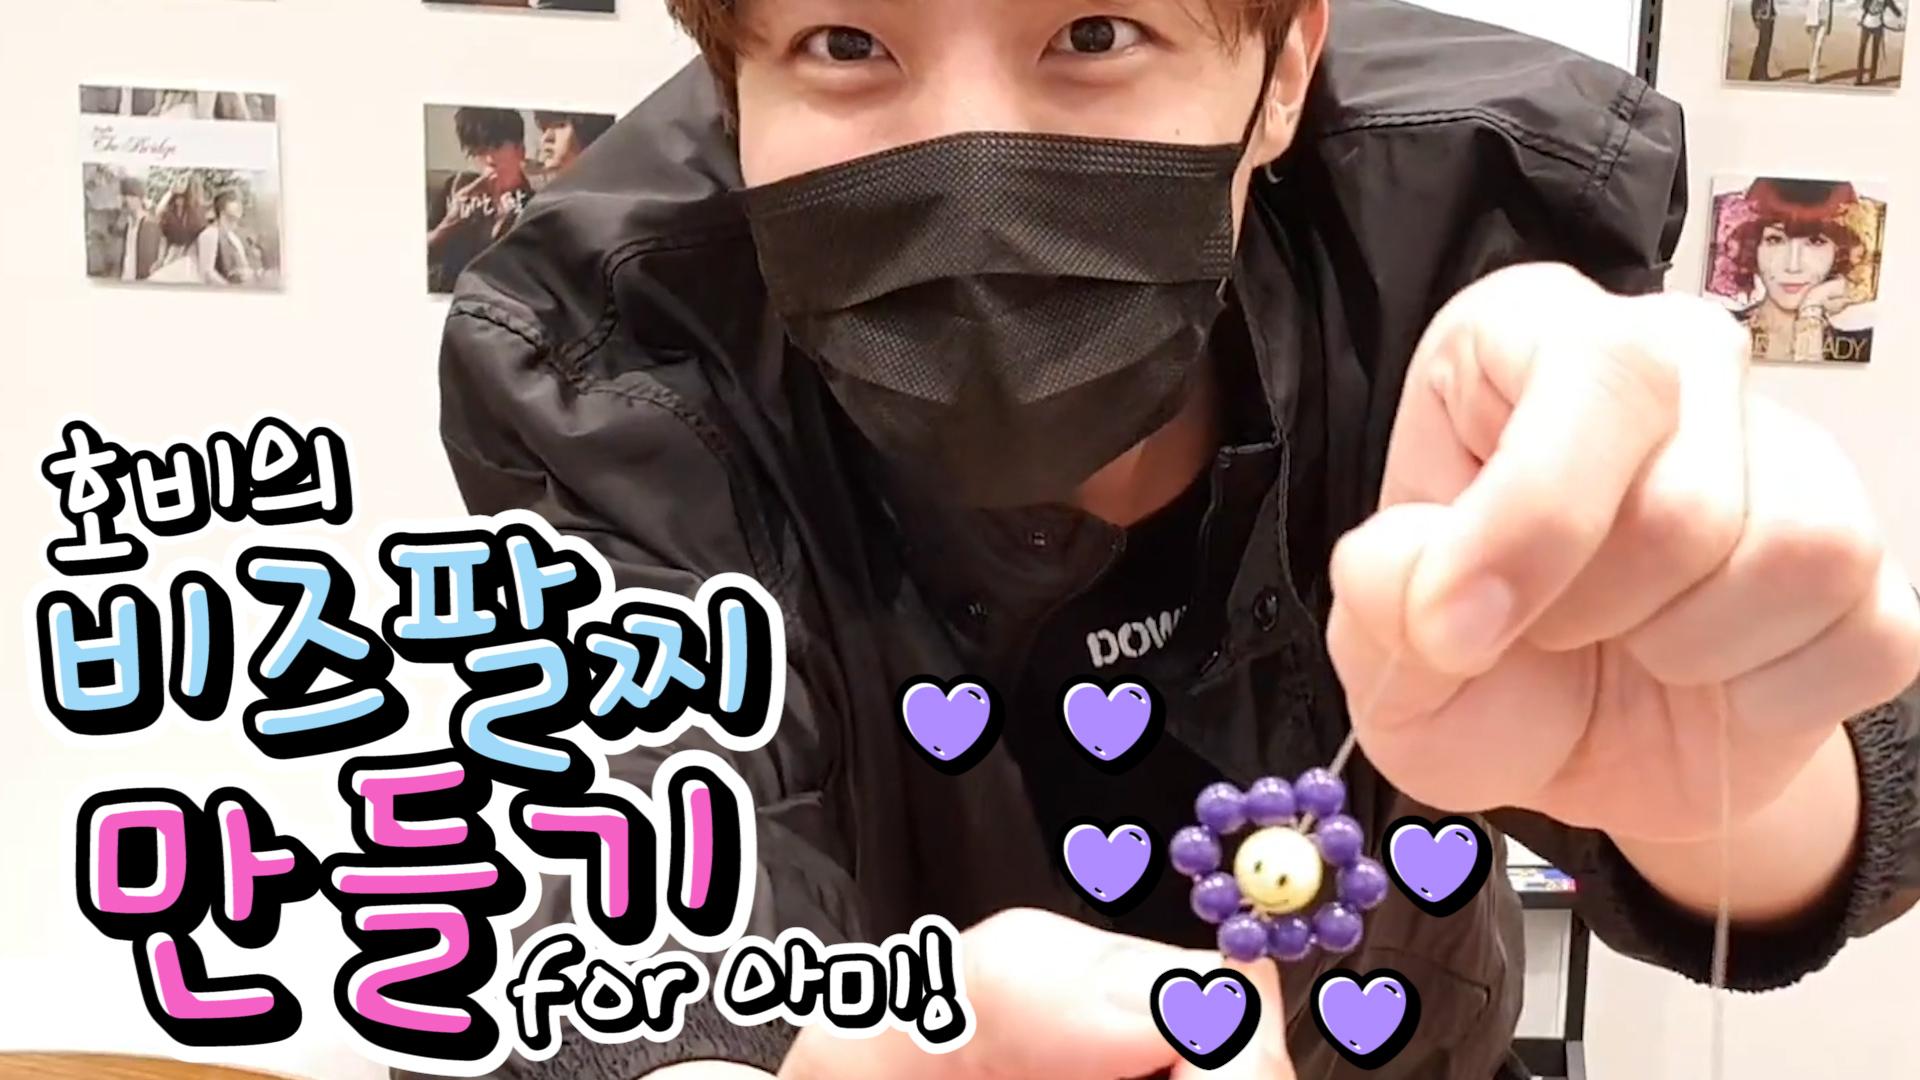 [BTS] 설탕과자 정호석만 있으면 세상 달다구리 다 필요없지😊💜 (J-HOPE making beads bracelet for ARMY!)